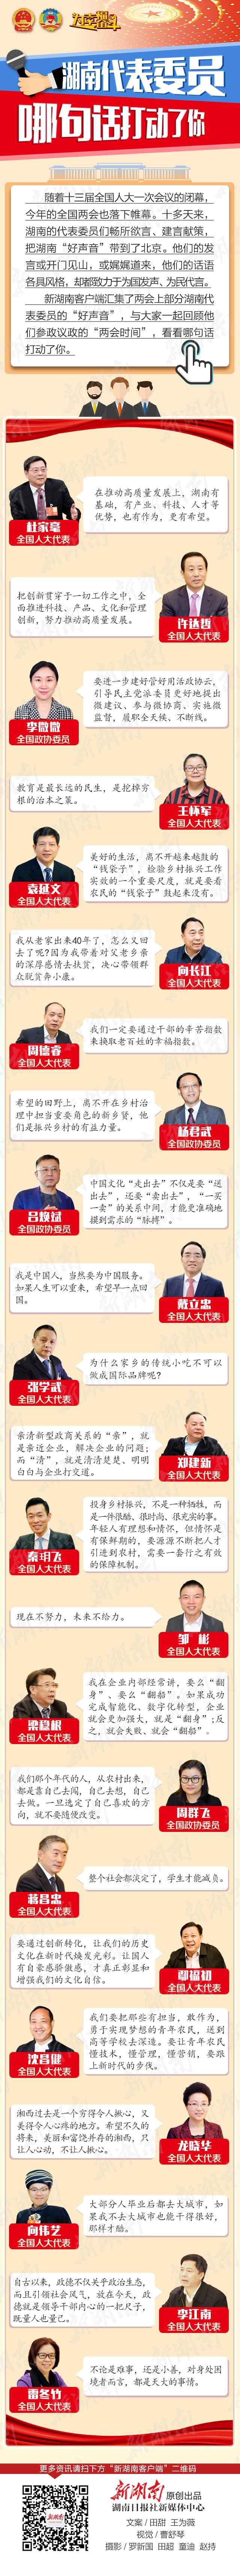 湖南代表委员哪句话打动了你?